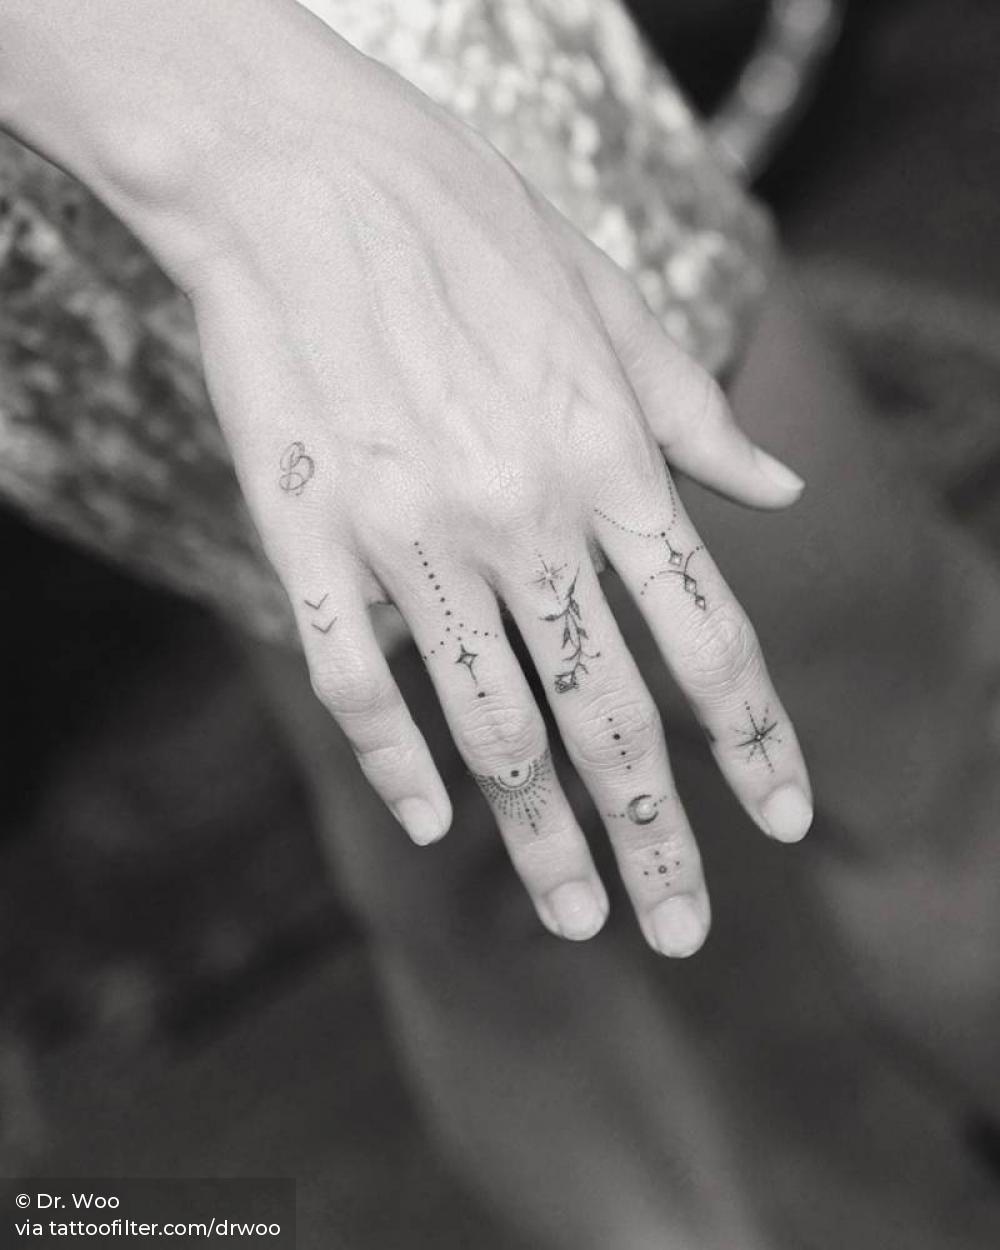 Hailey bieber tattoos